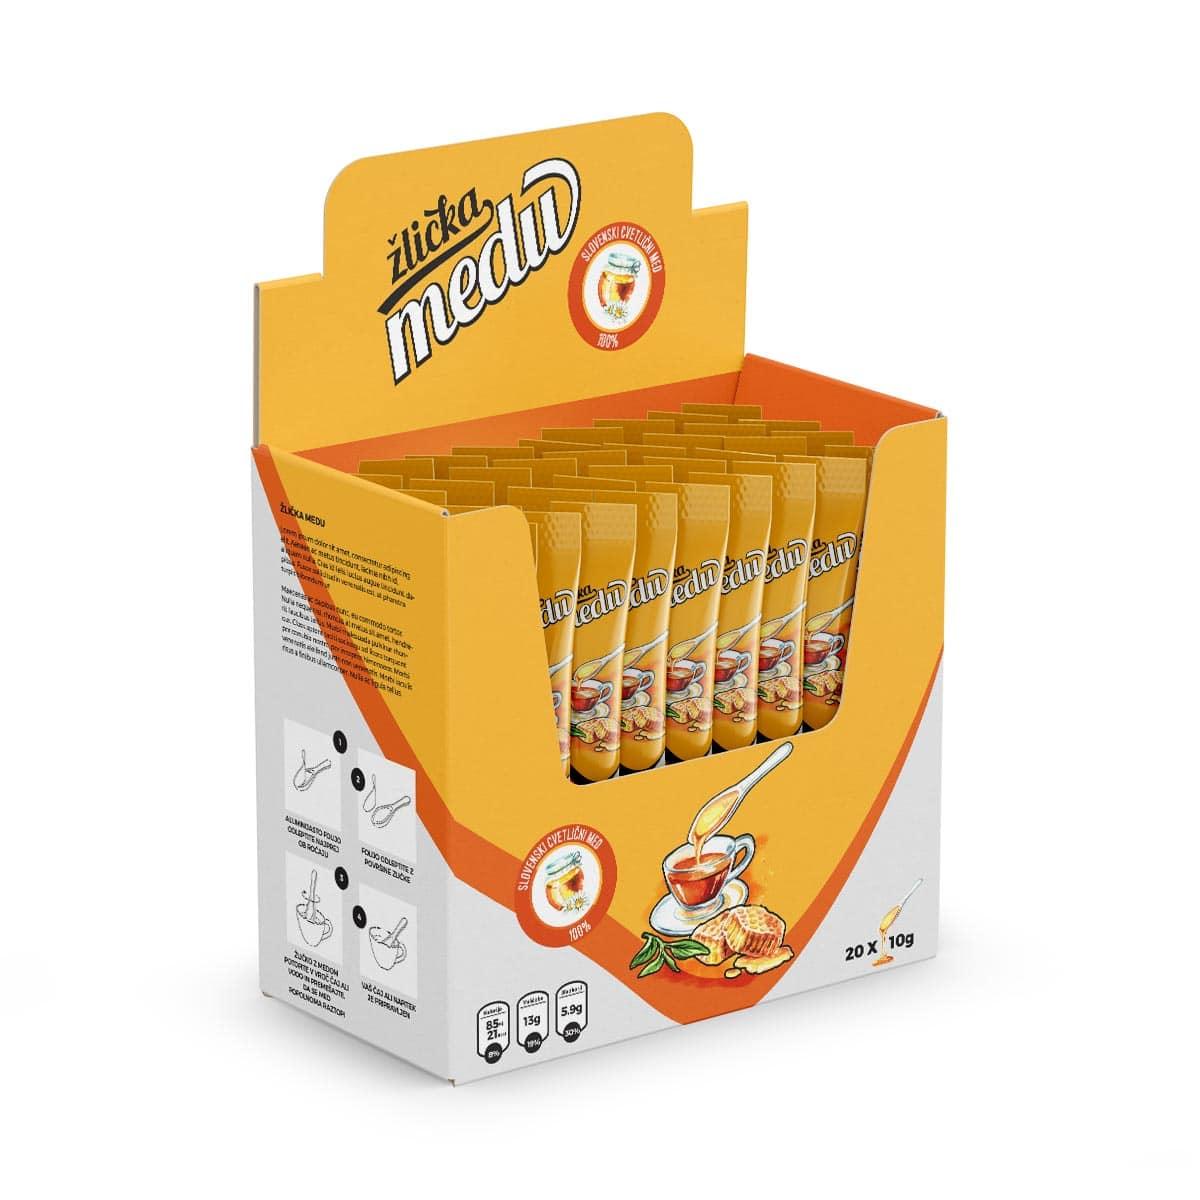 Večje pakiranje v škatli brez dodanega okusa